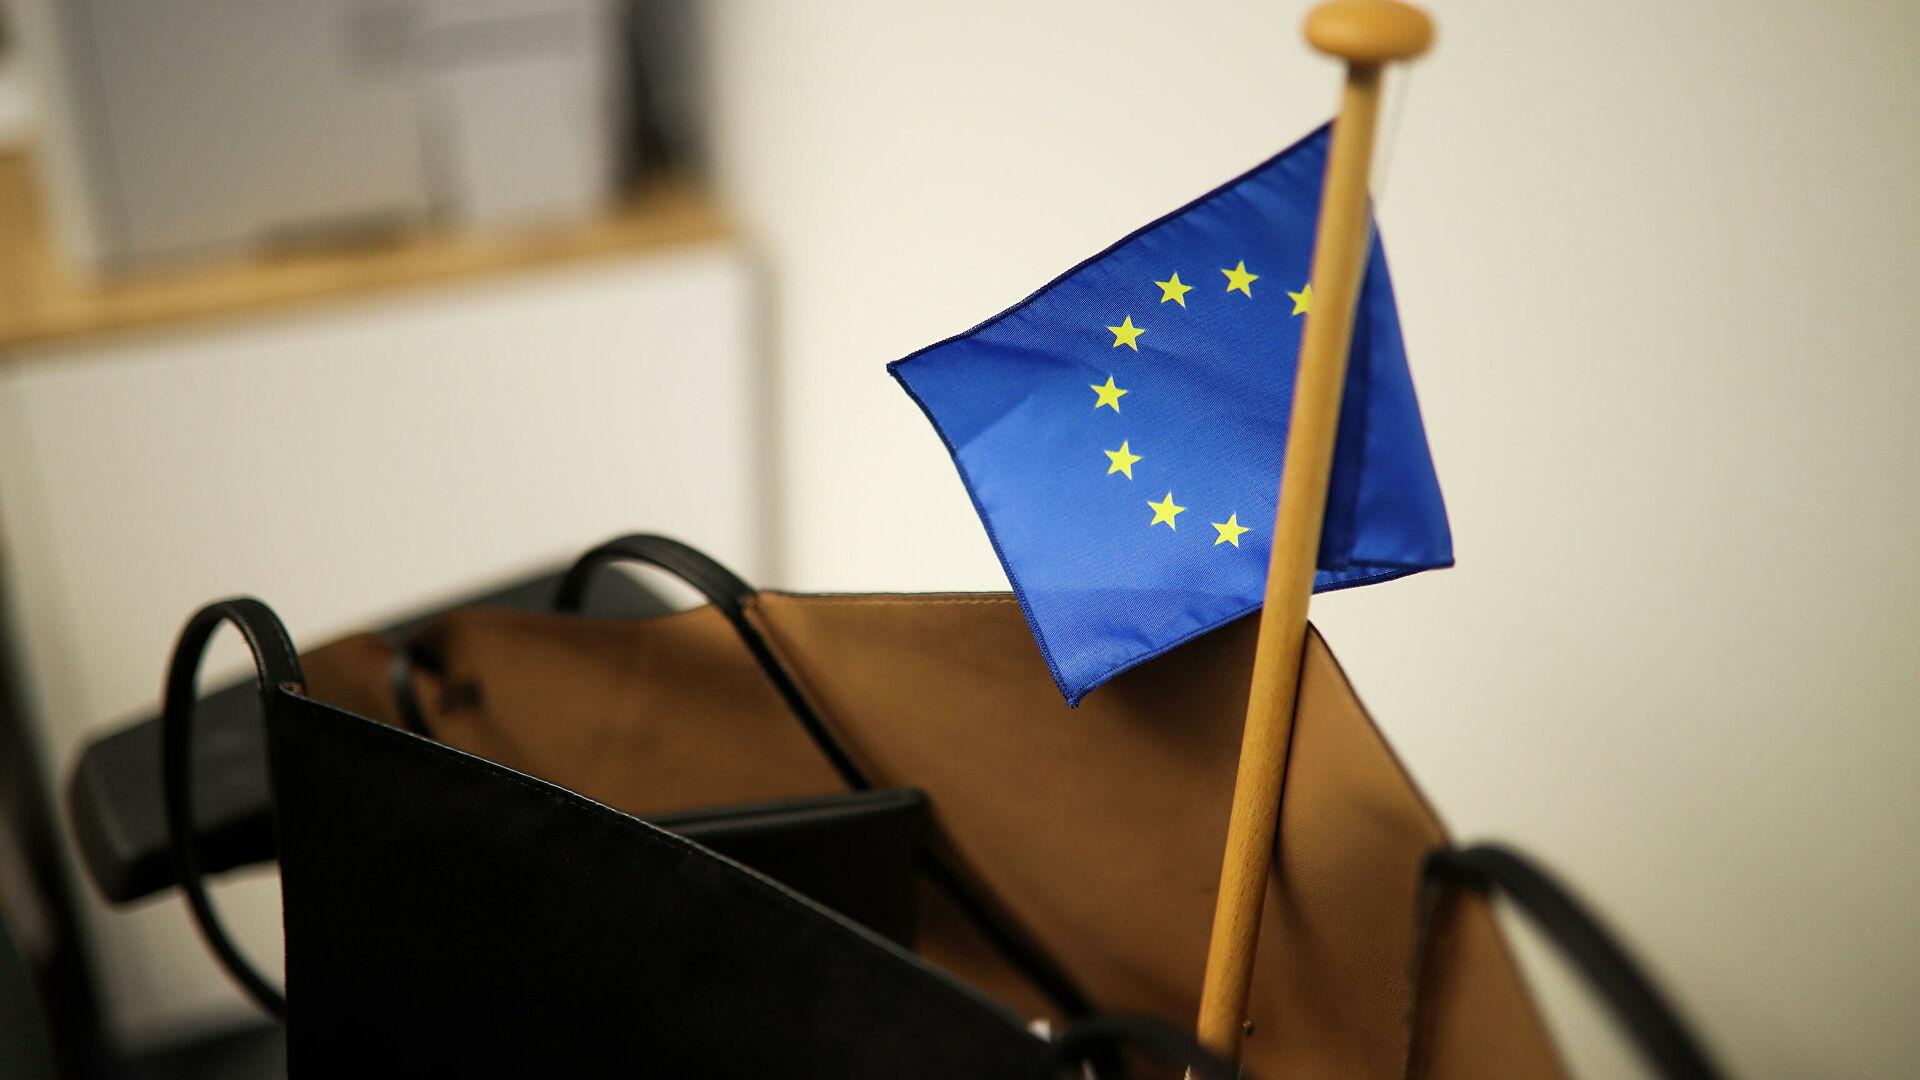 ЕС принял решение относительно санкций против Сирии